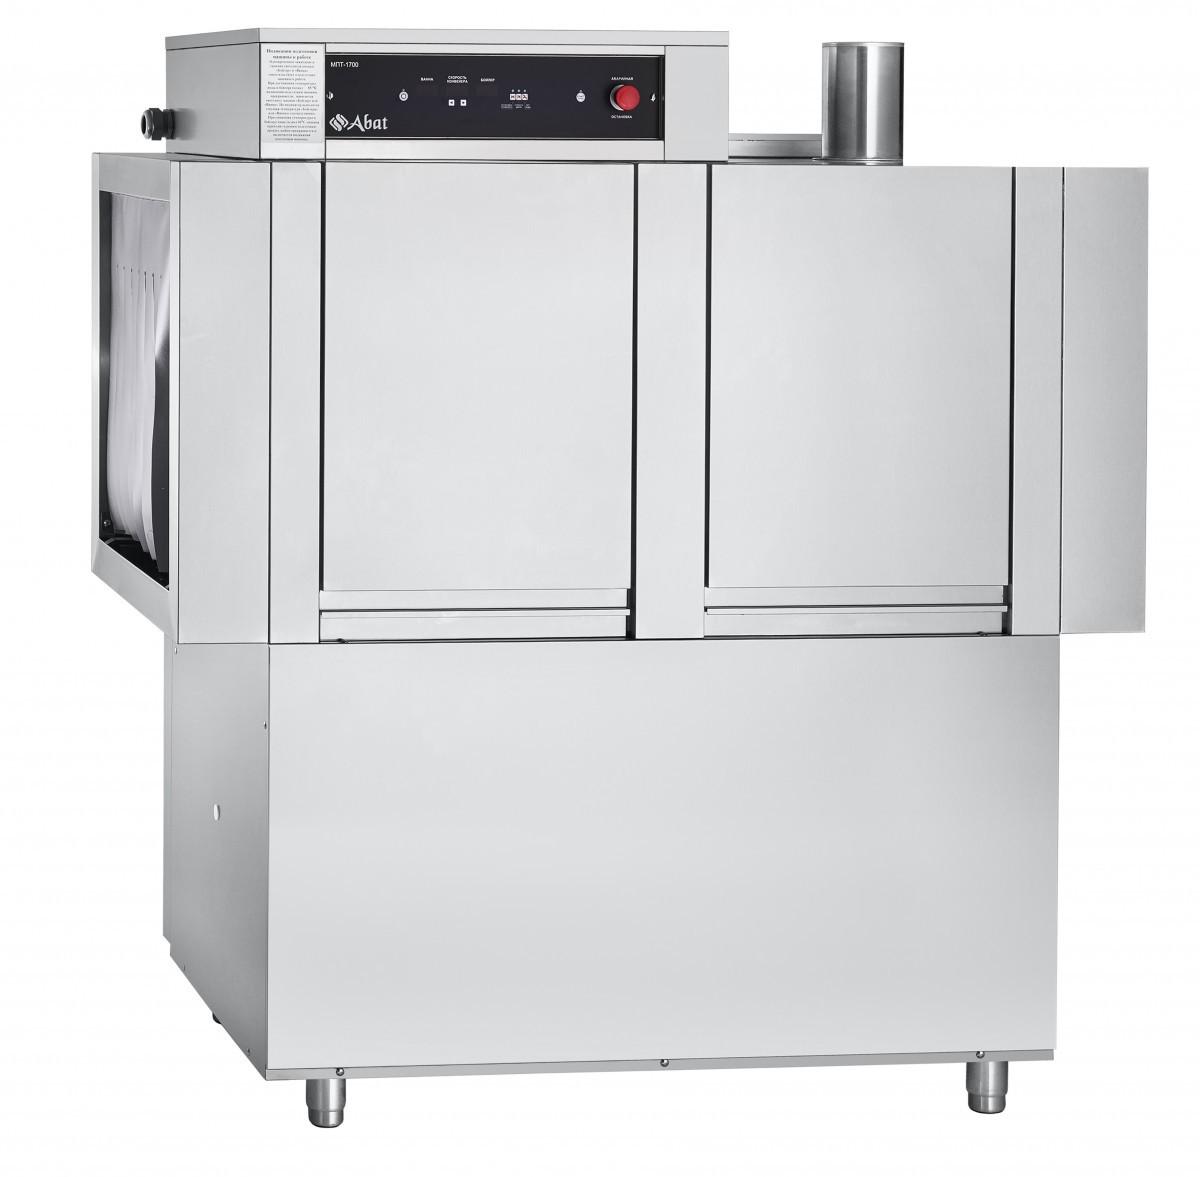 Машина посудомоечная Abat туннельная МПТ-1700 правая